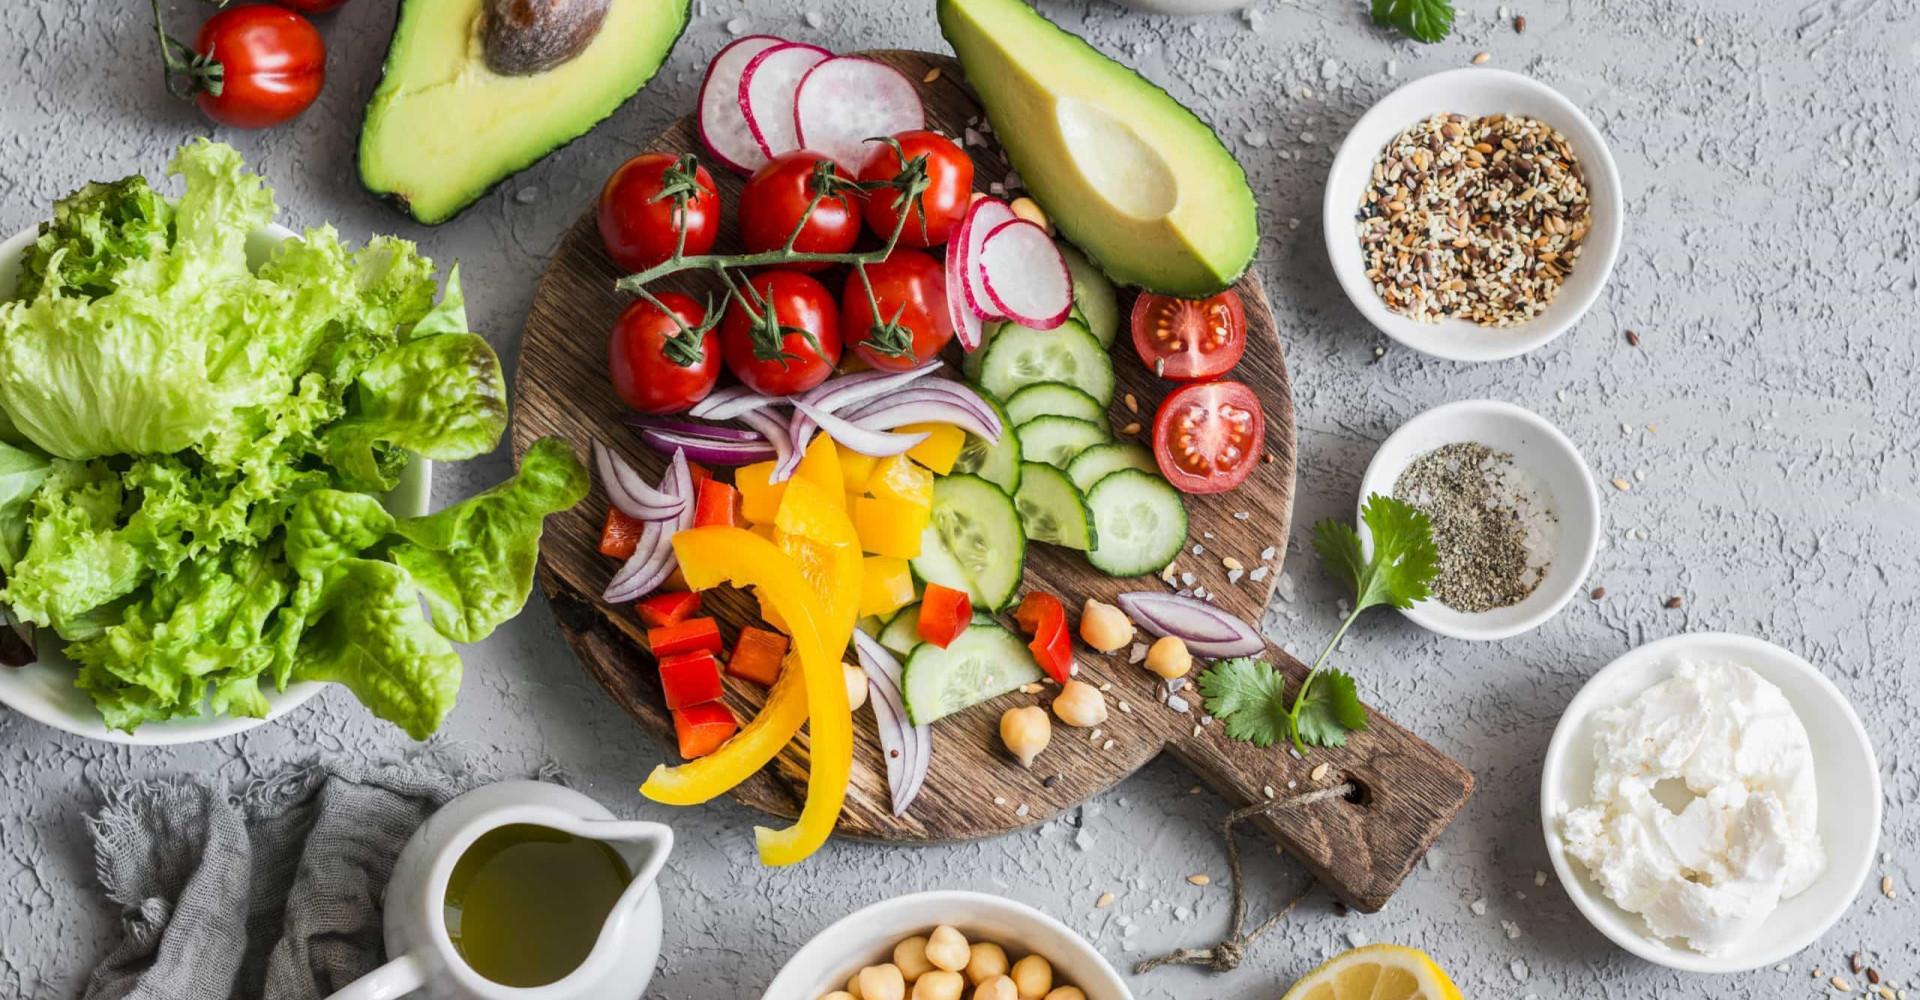 Tämä yksinkertainen ruokavalio on myös vuoden 2020 terveellisin